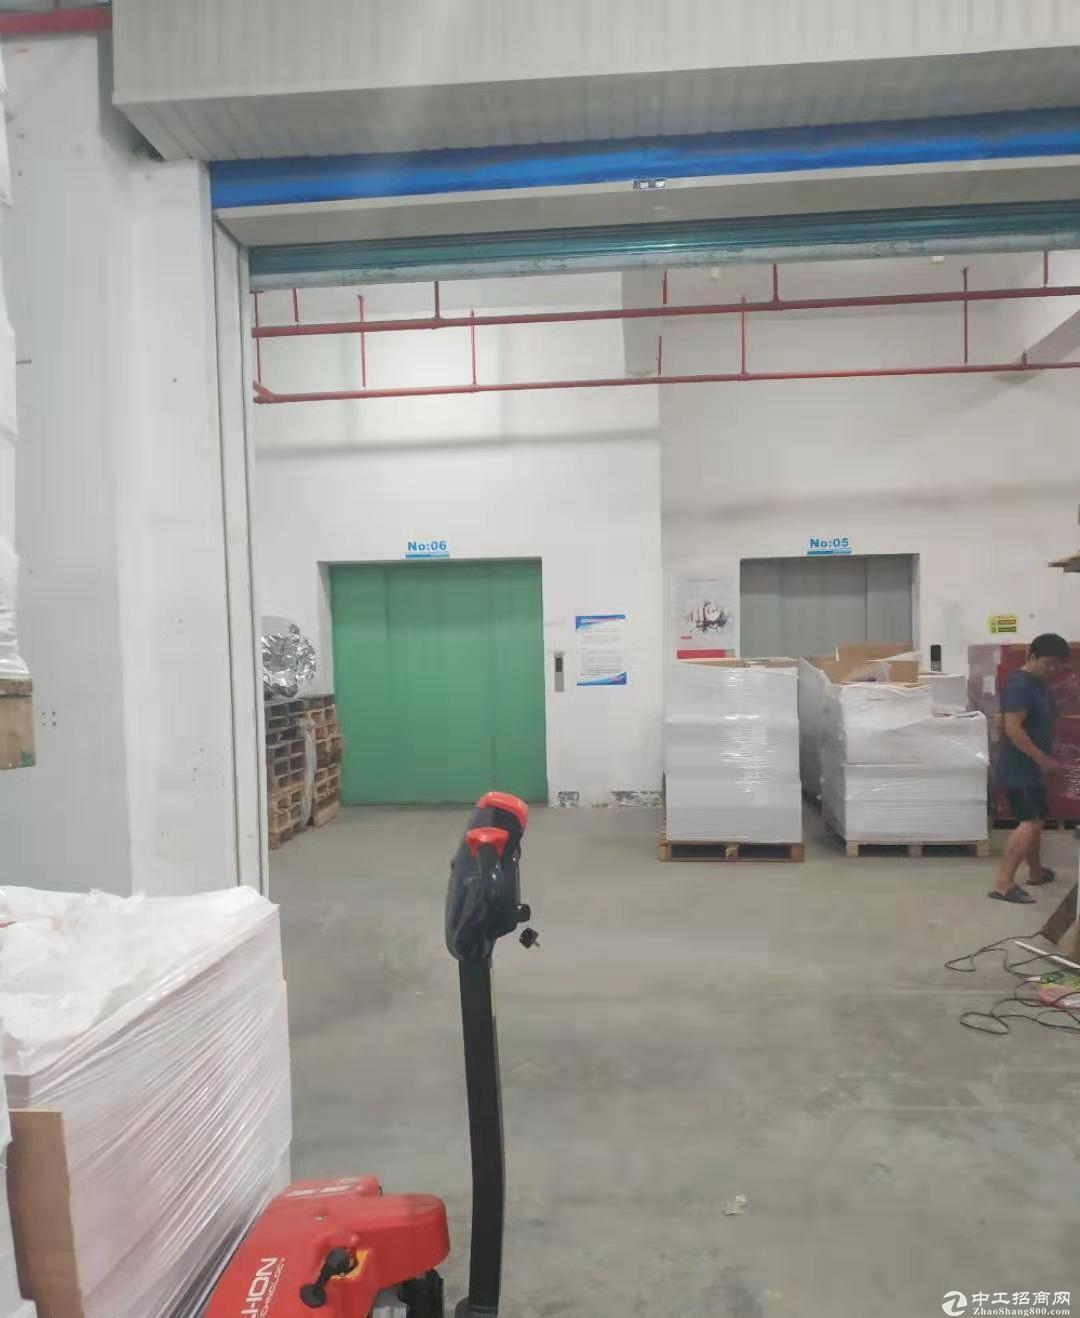 专业丙类仓库提供专业仓储服务